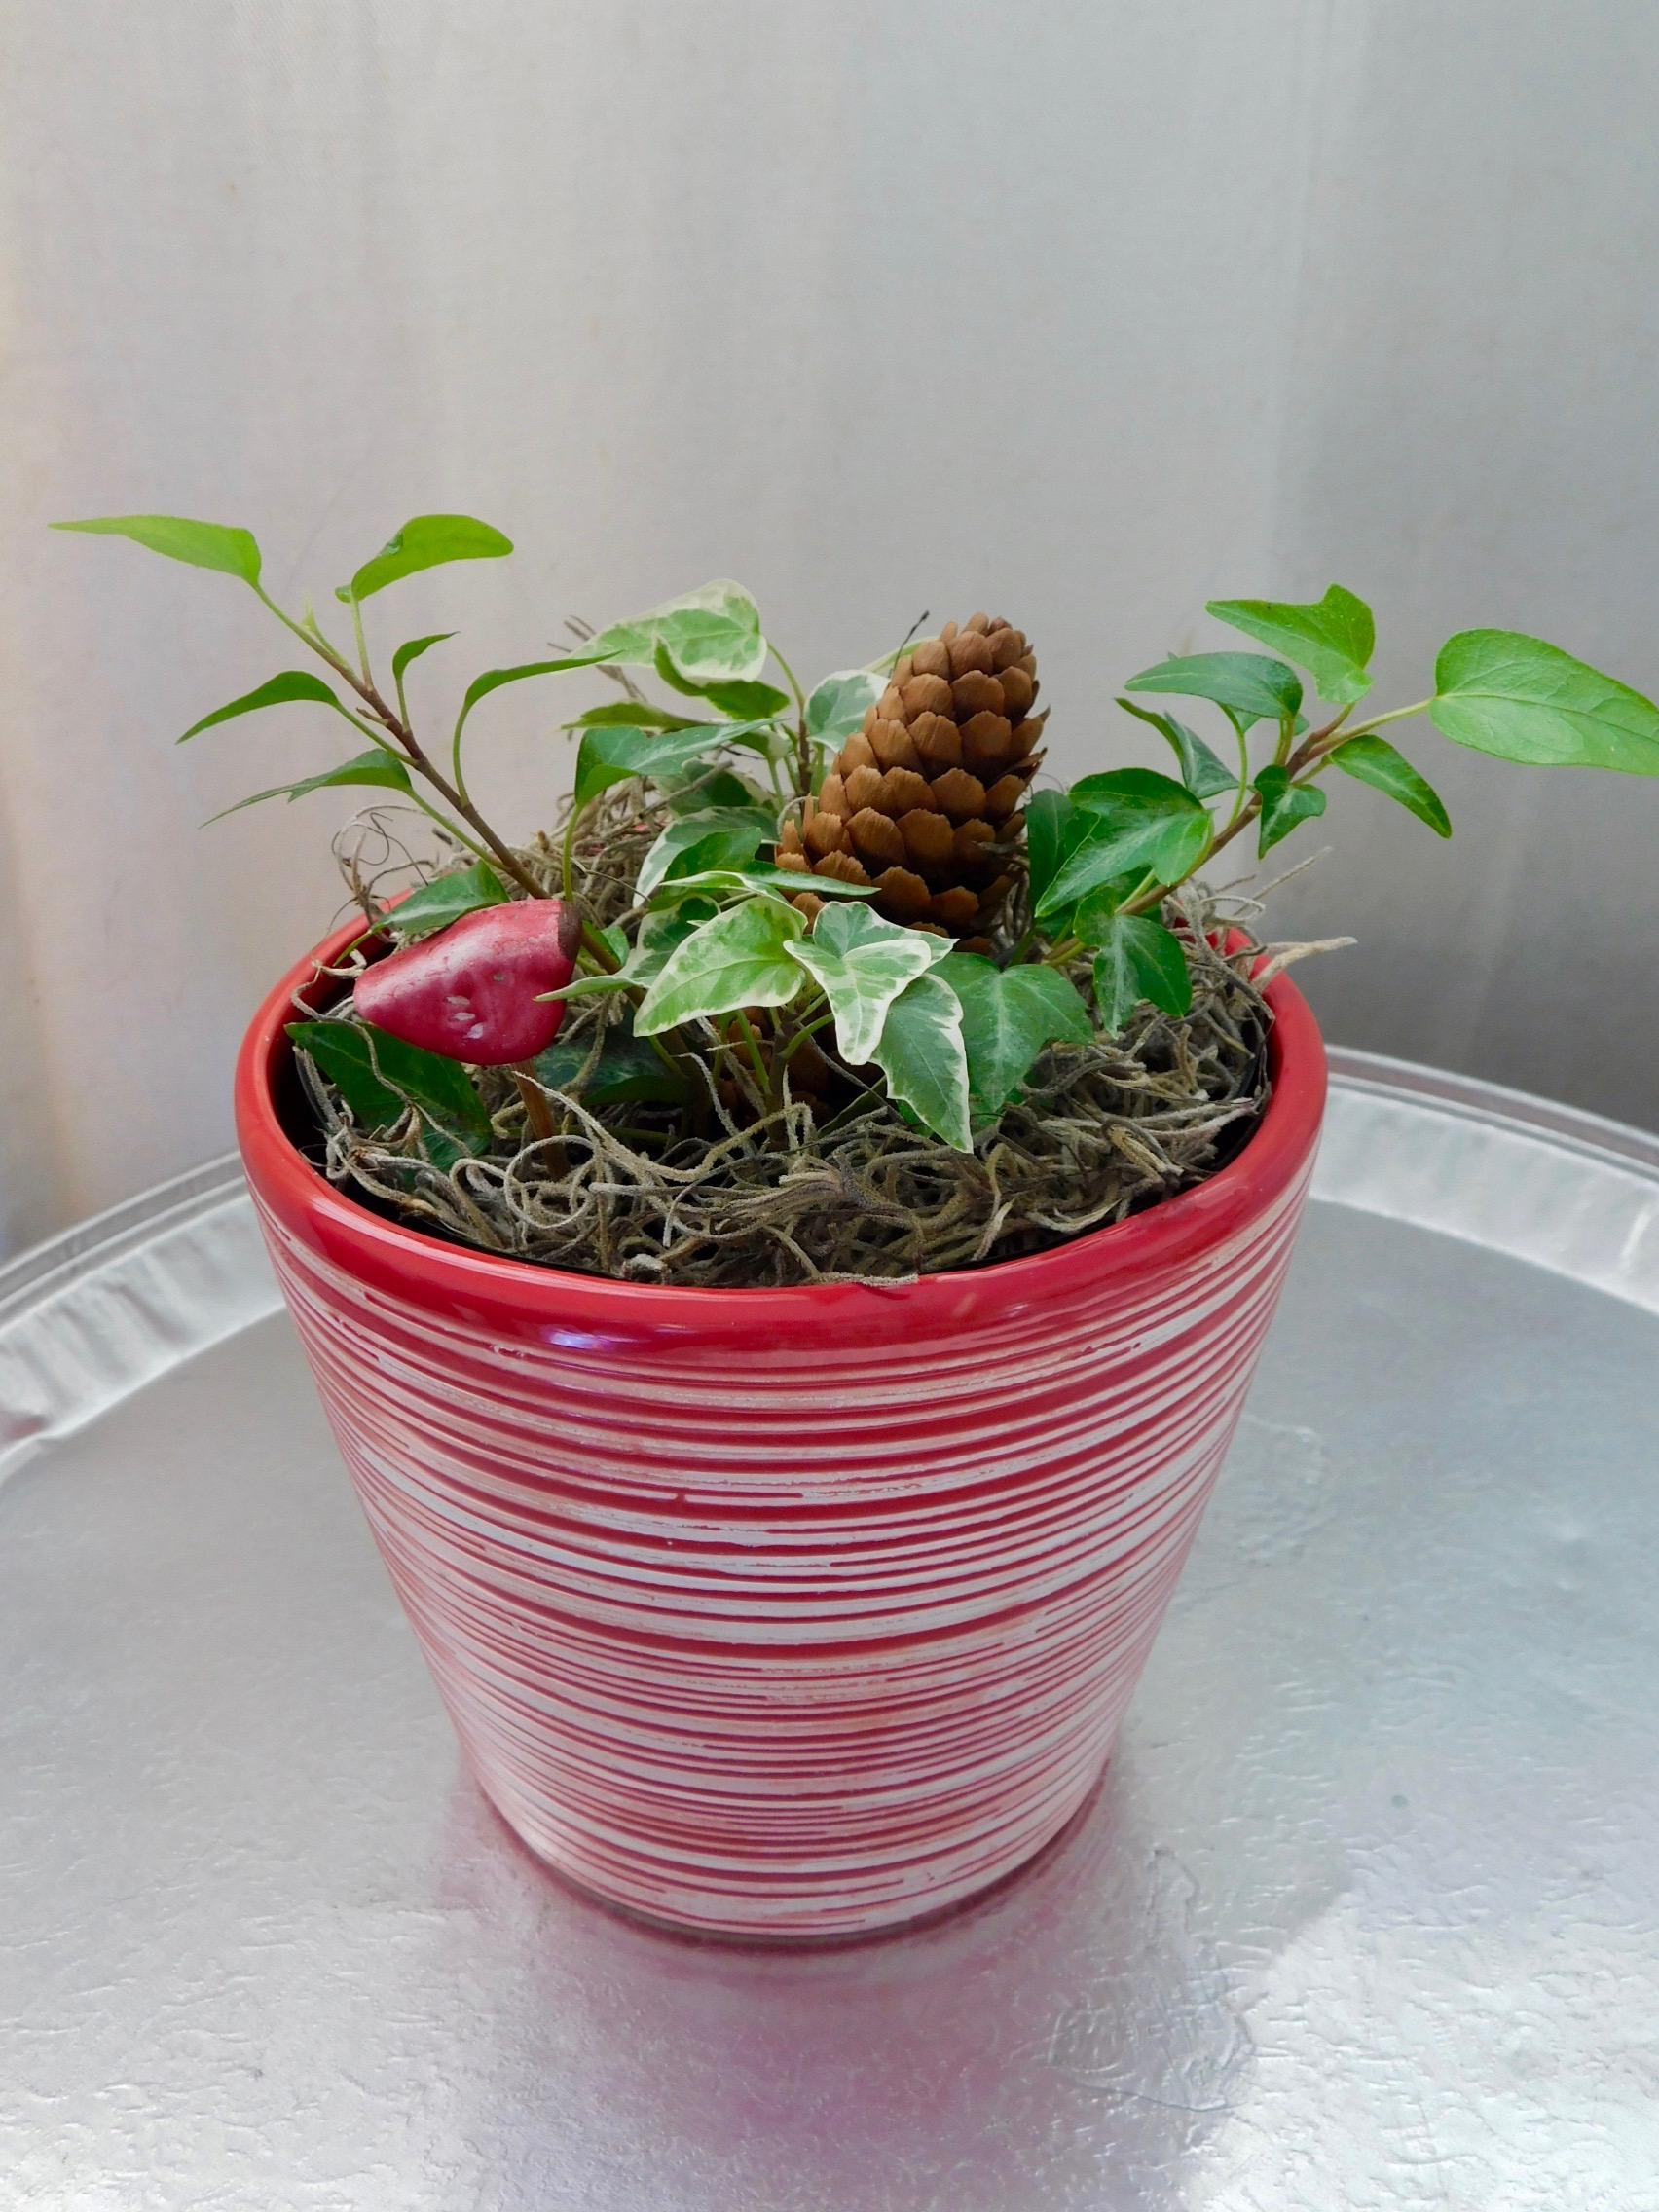 Decora con detalles pequeños y sencillo. En balance con la planta y el tiesto.